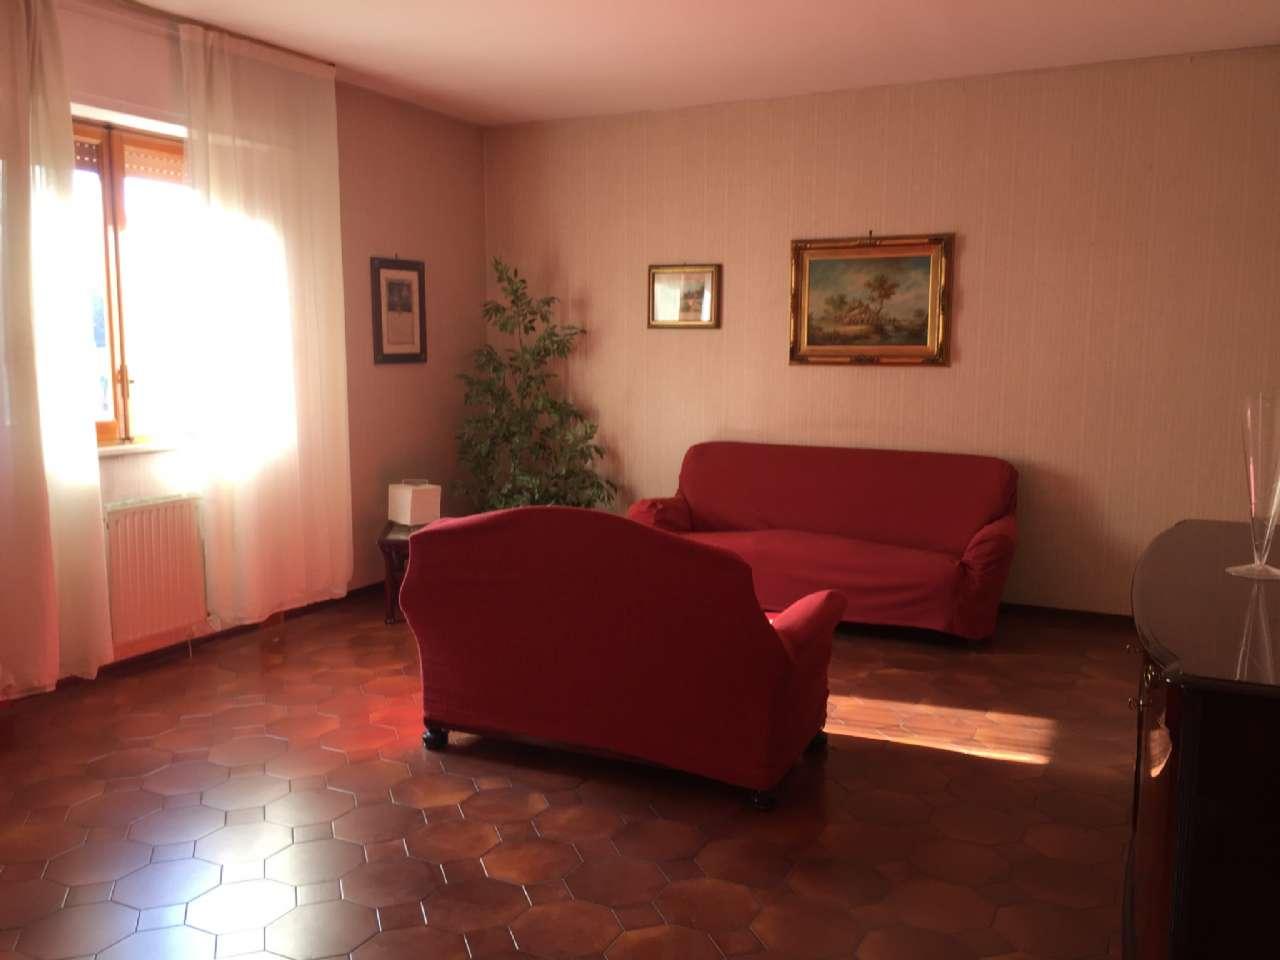 Quadrilocale, Via Ercole Bernabei, zona Malaspina, Palermo, foto 2